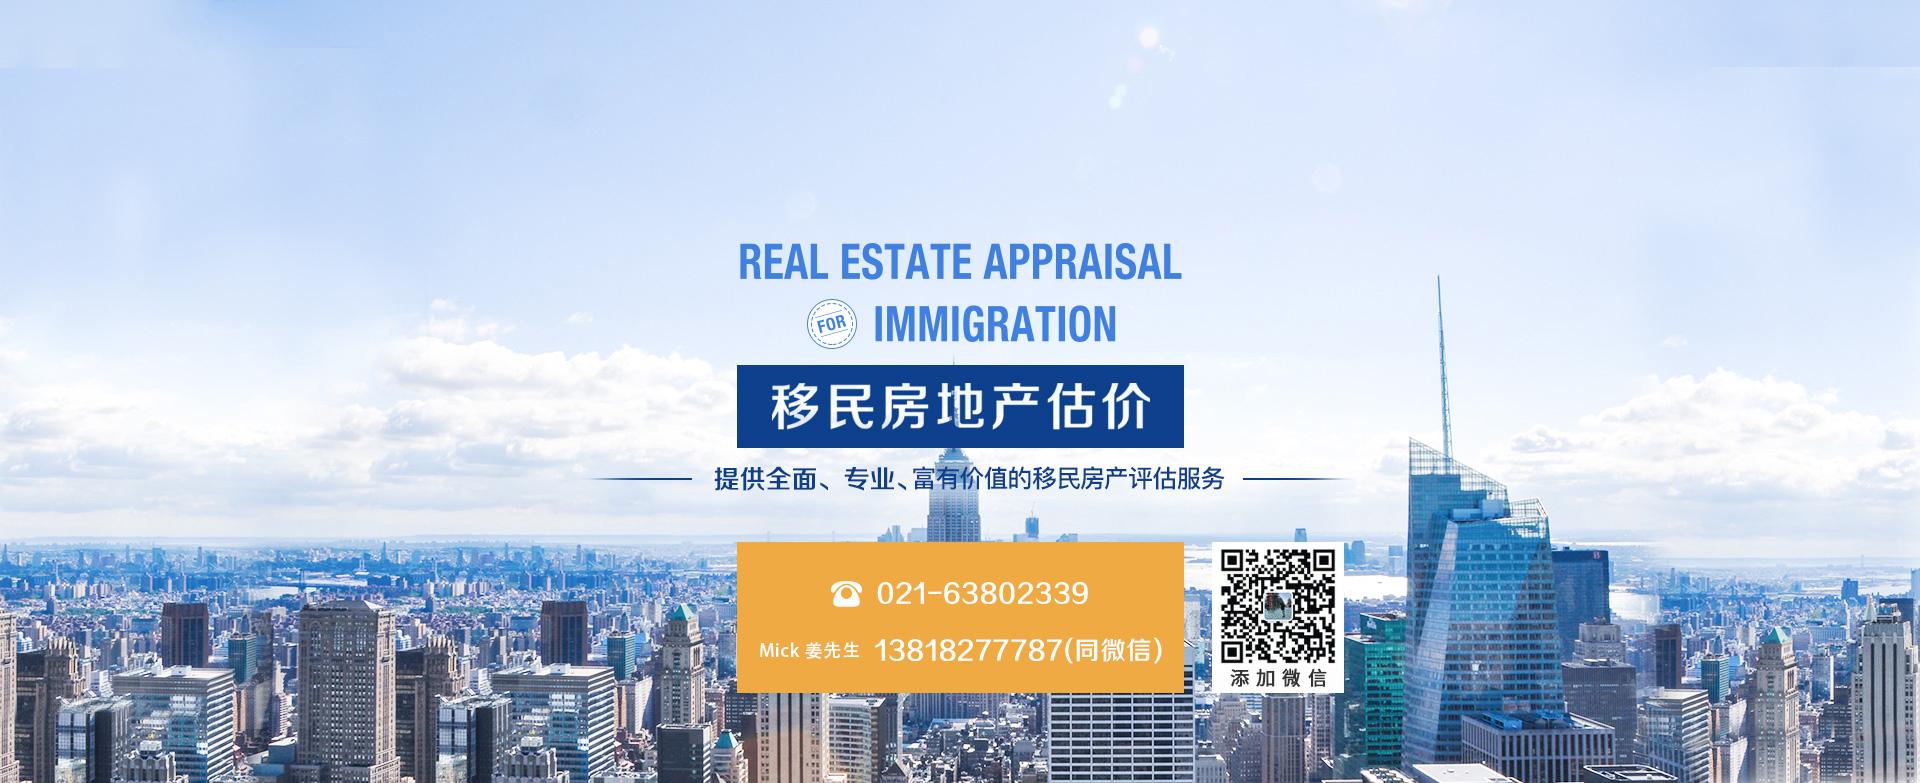 上海兆涛行房地产估价事务所(普通合伙)